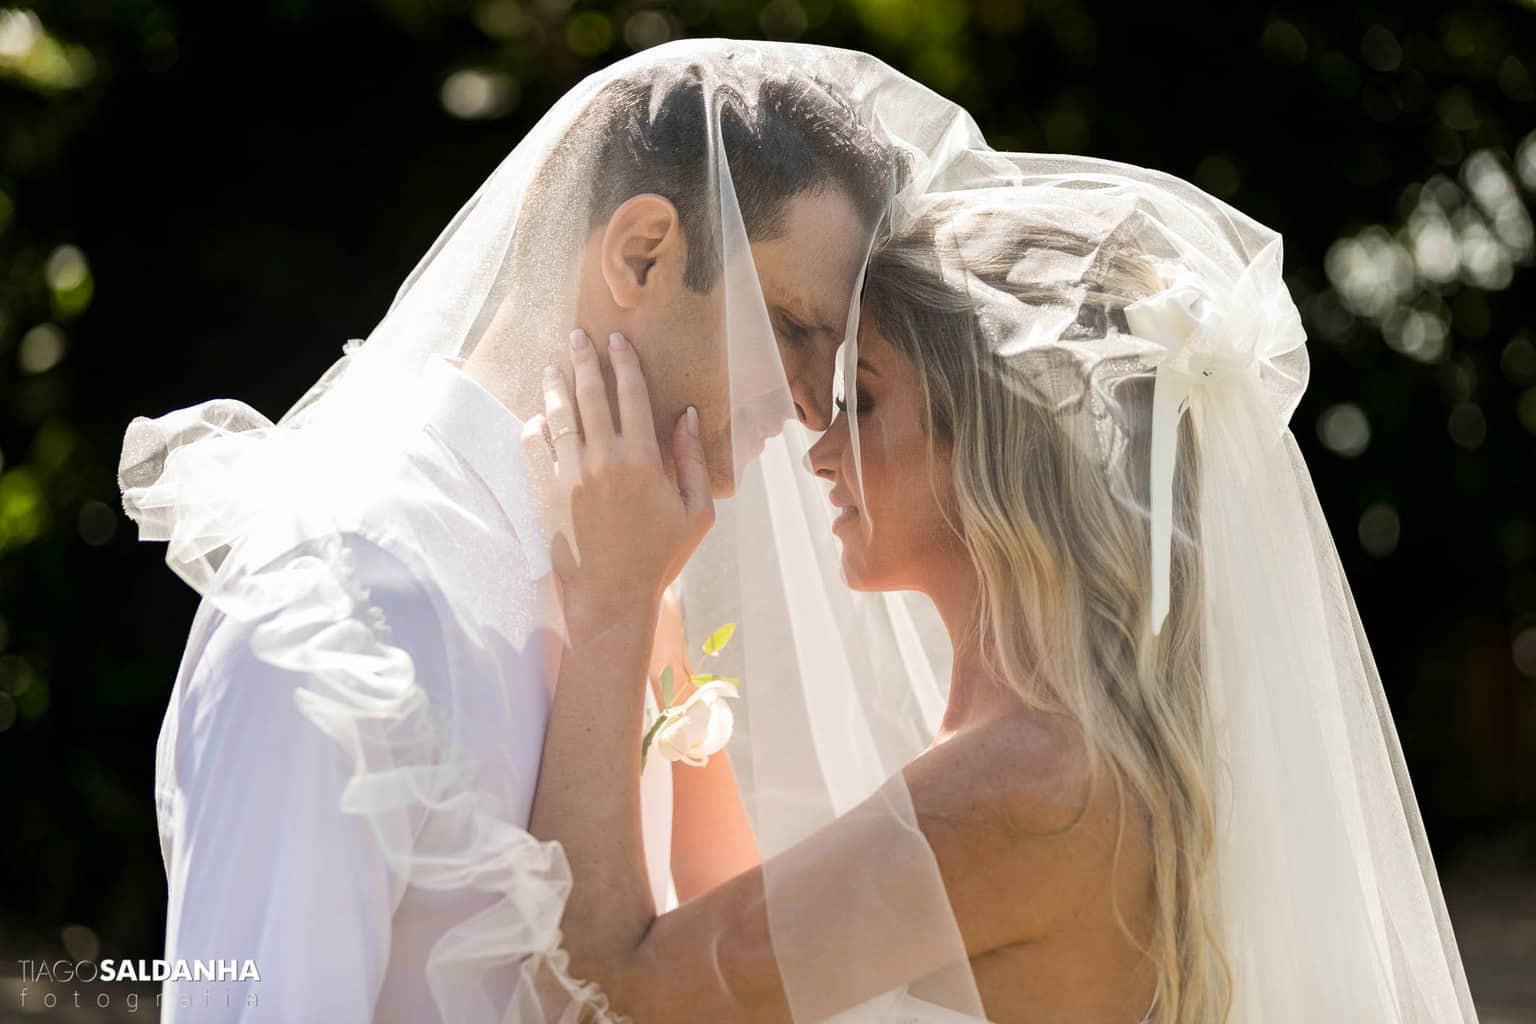 Casamento-Chandrélin-e-Laureano-cerimonia-na-igreja-Chan-e-Lau-foto-do-casal-Igreja-do-Quadrado-Trancoso6